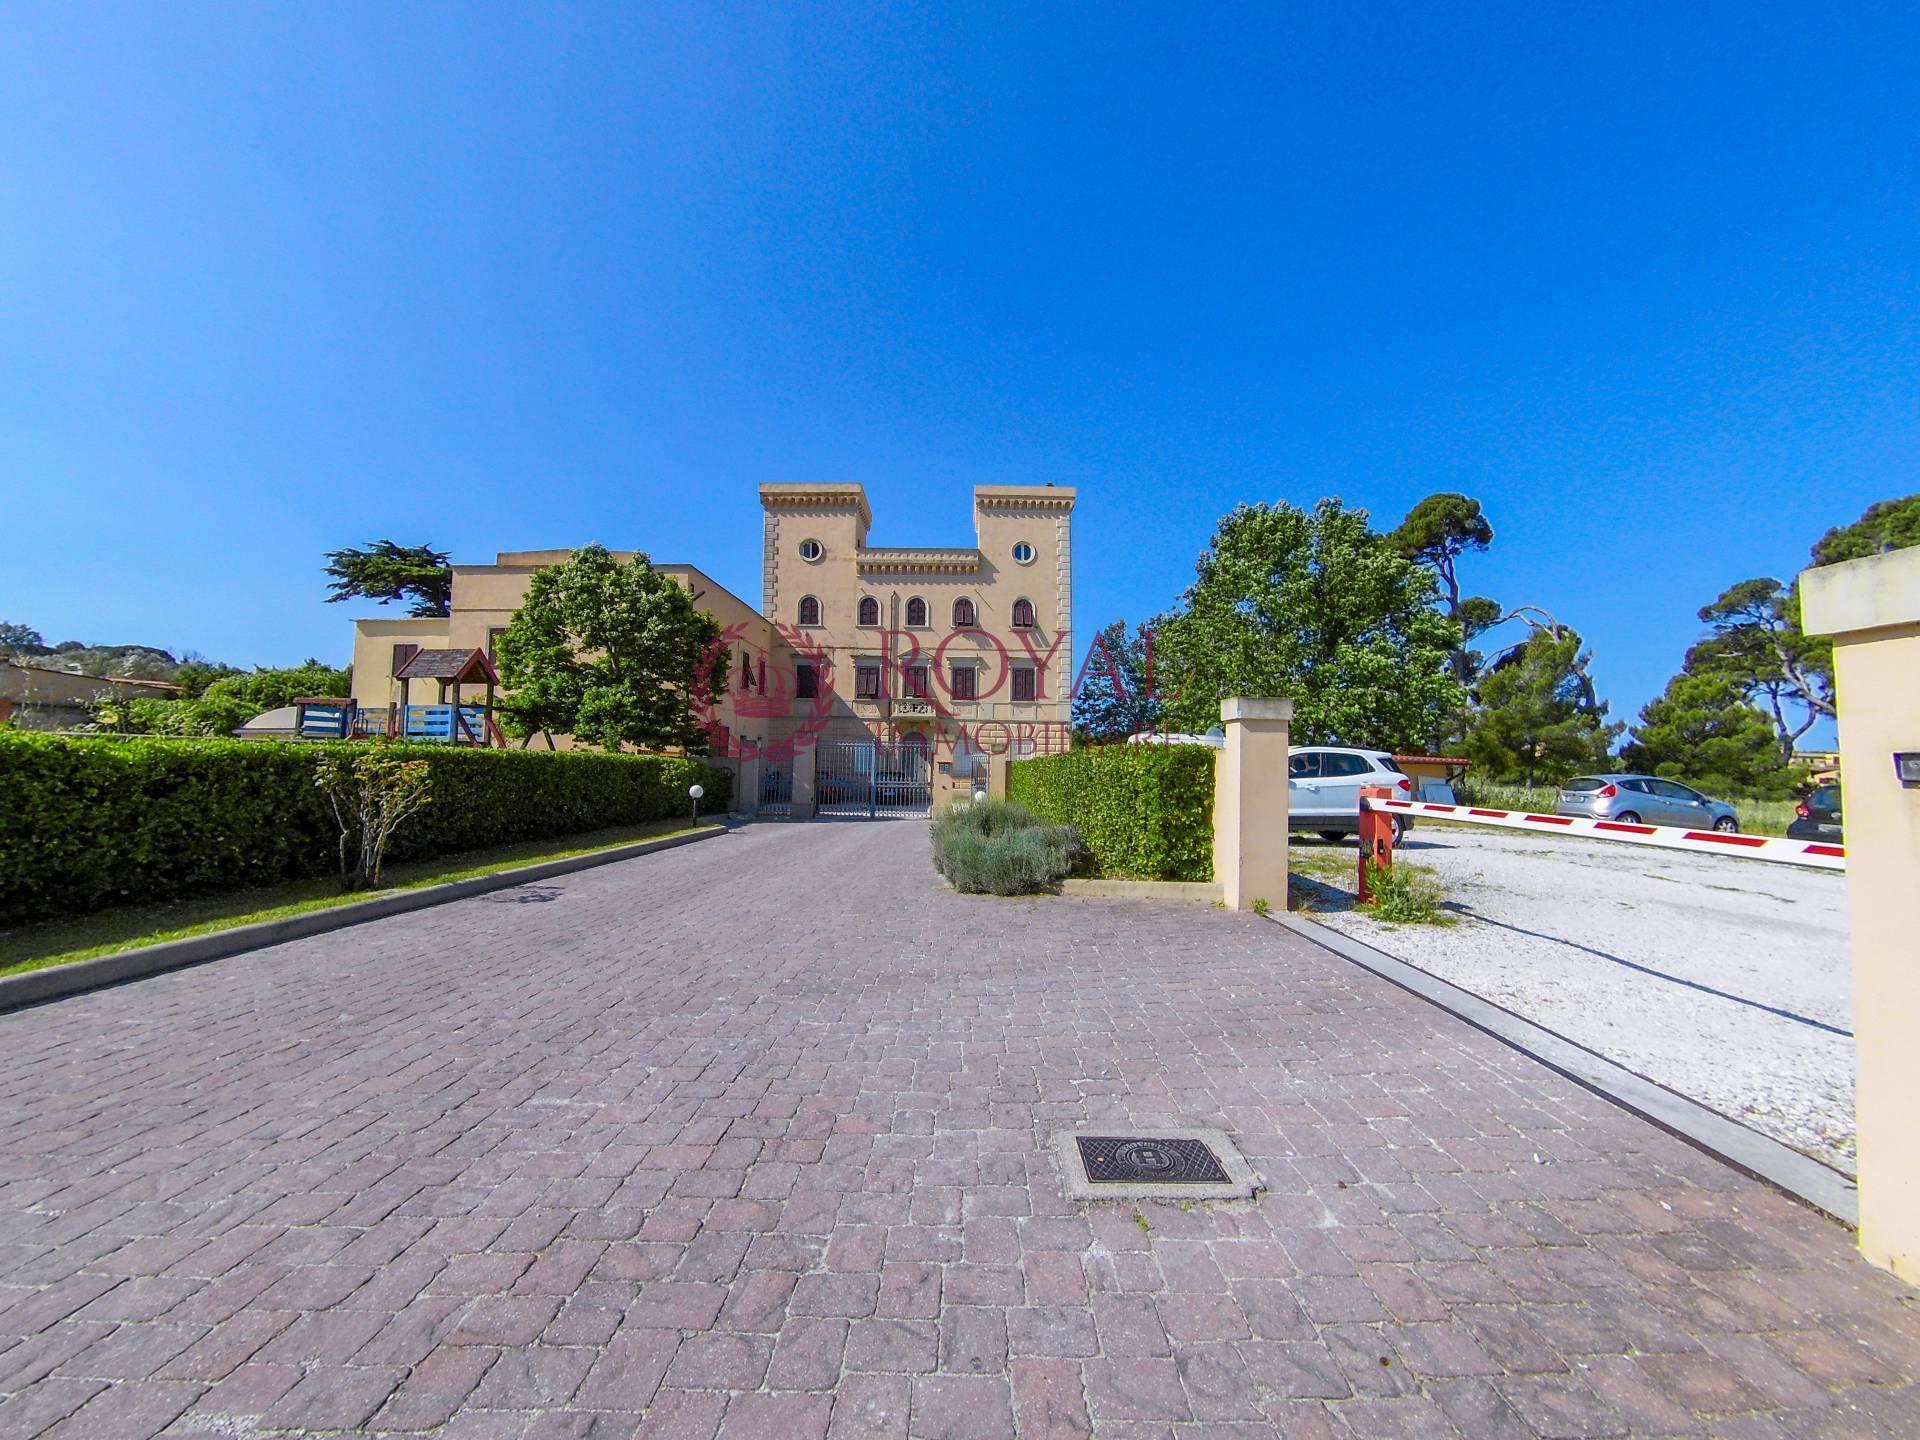 livorno affitto quart: montenero royal-immobiliare-professional-s.a.s.